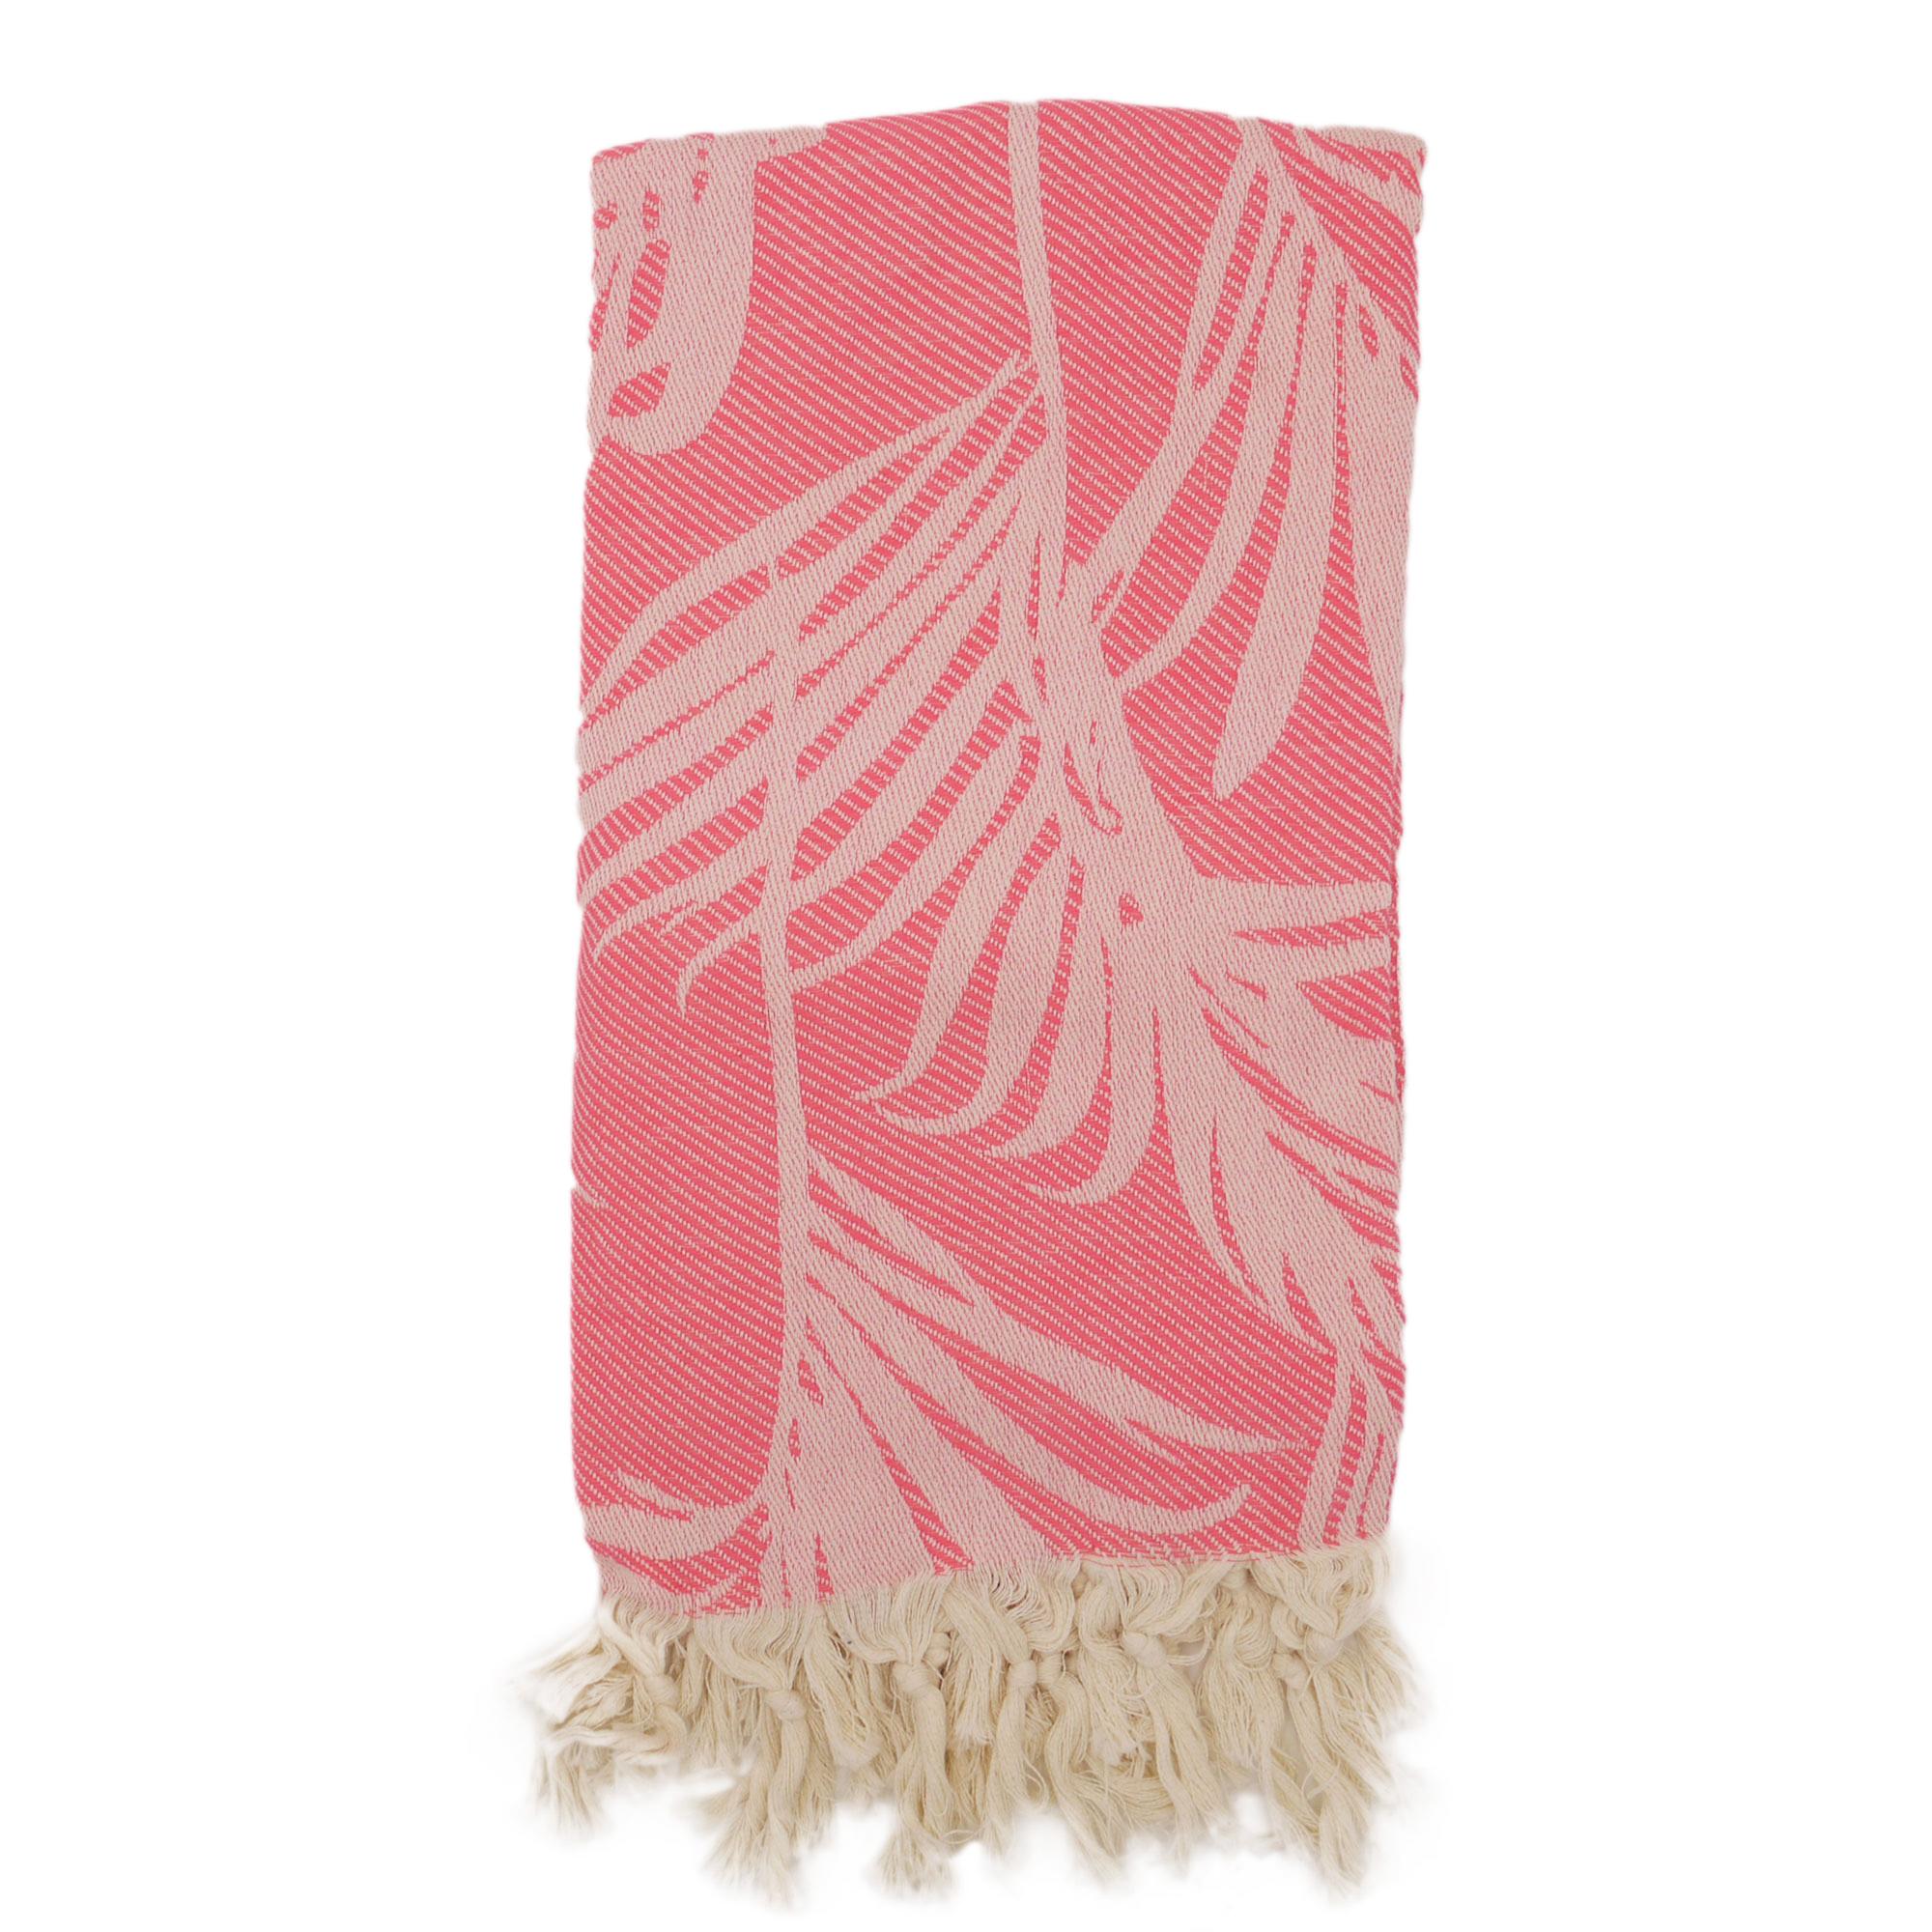 Fouta palmiers 100% coton avec franges rose 100x180cm